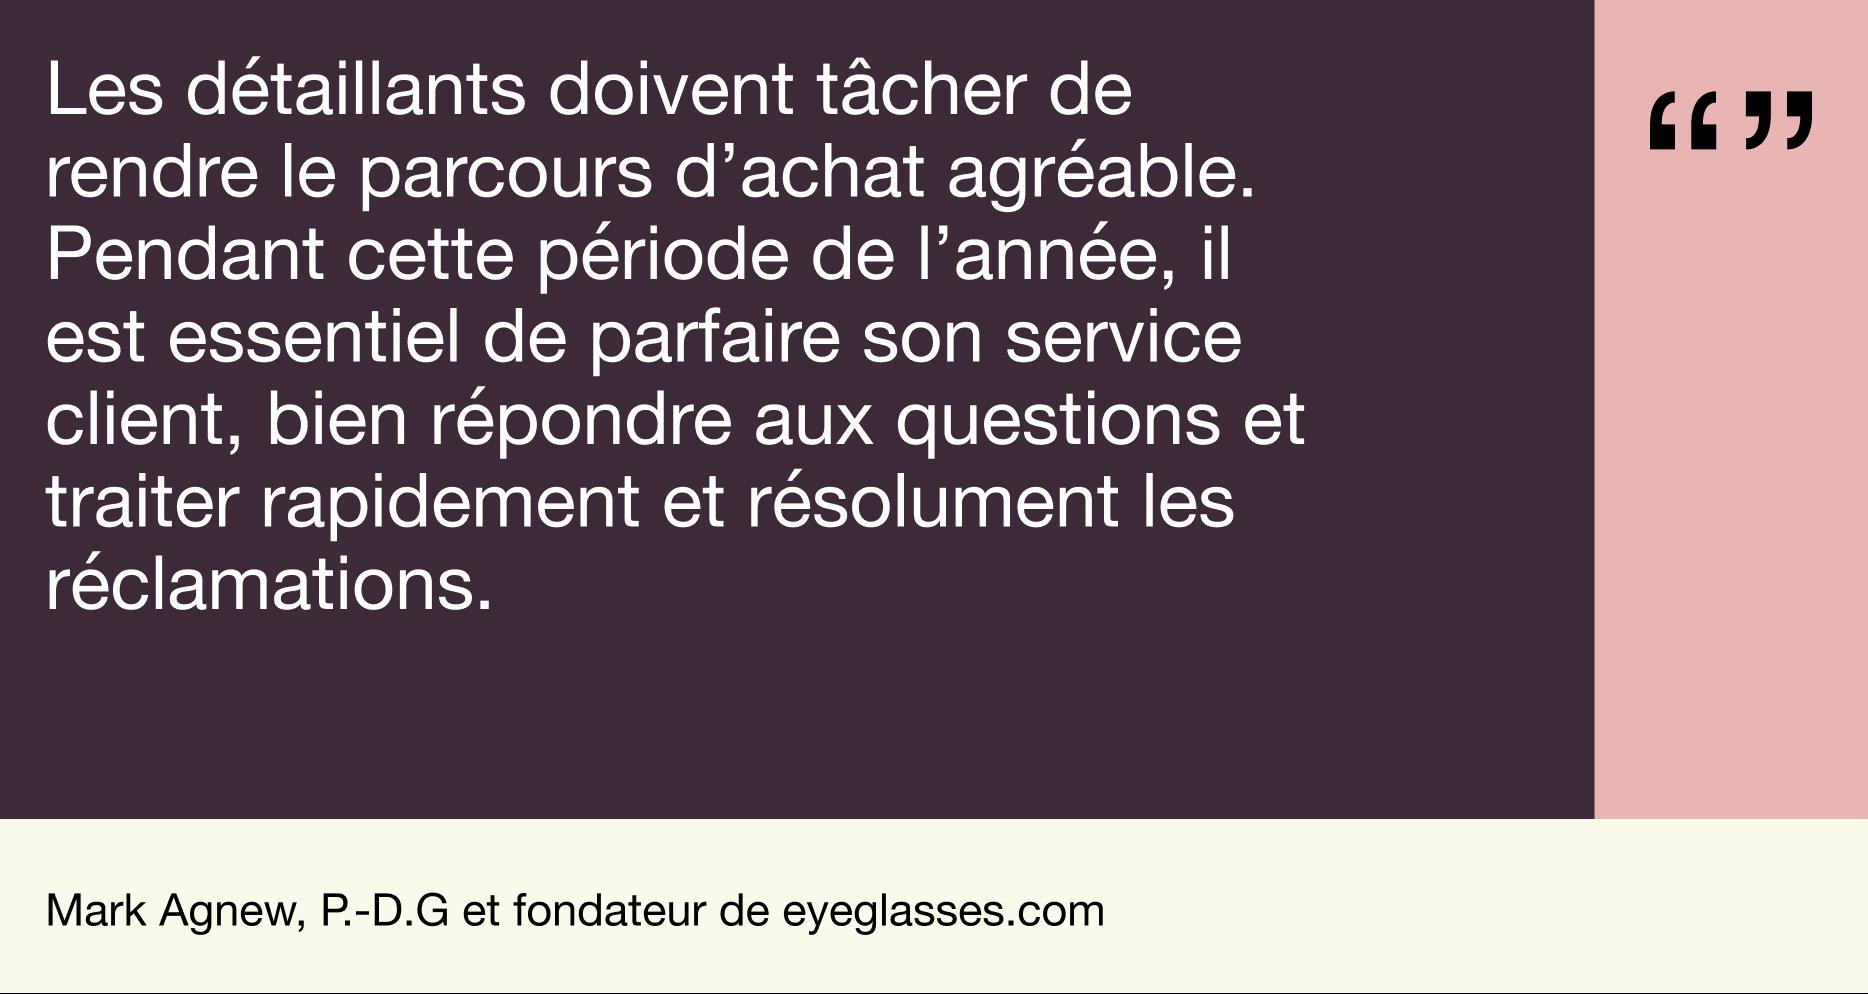 FR - Quote Holiday report - Mark Agnew, P.-D.G et fondateur de eyeglasses.com